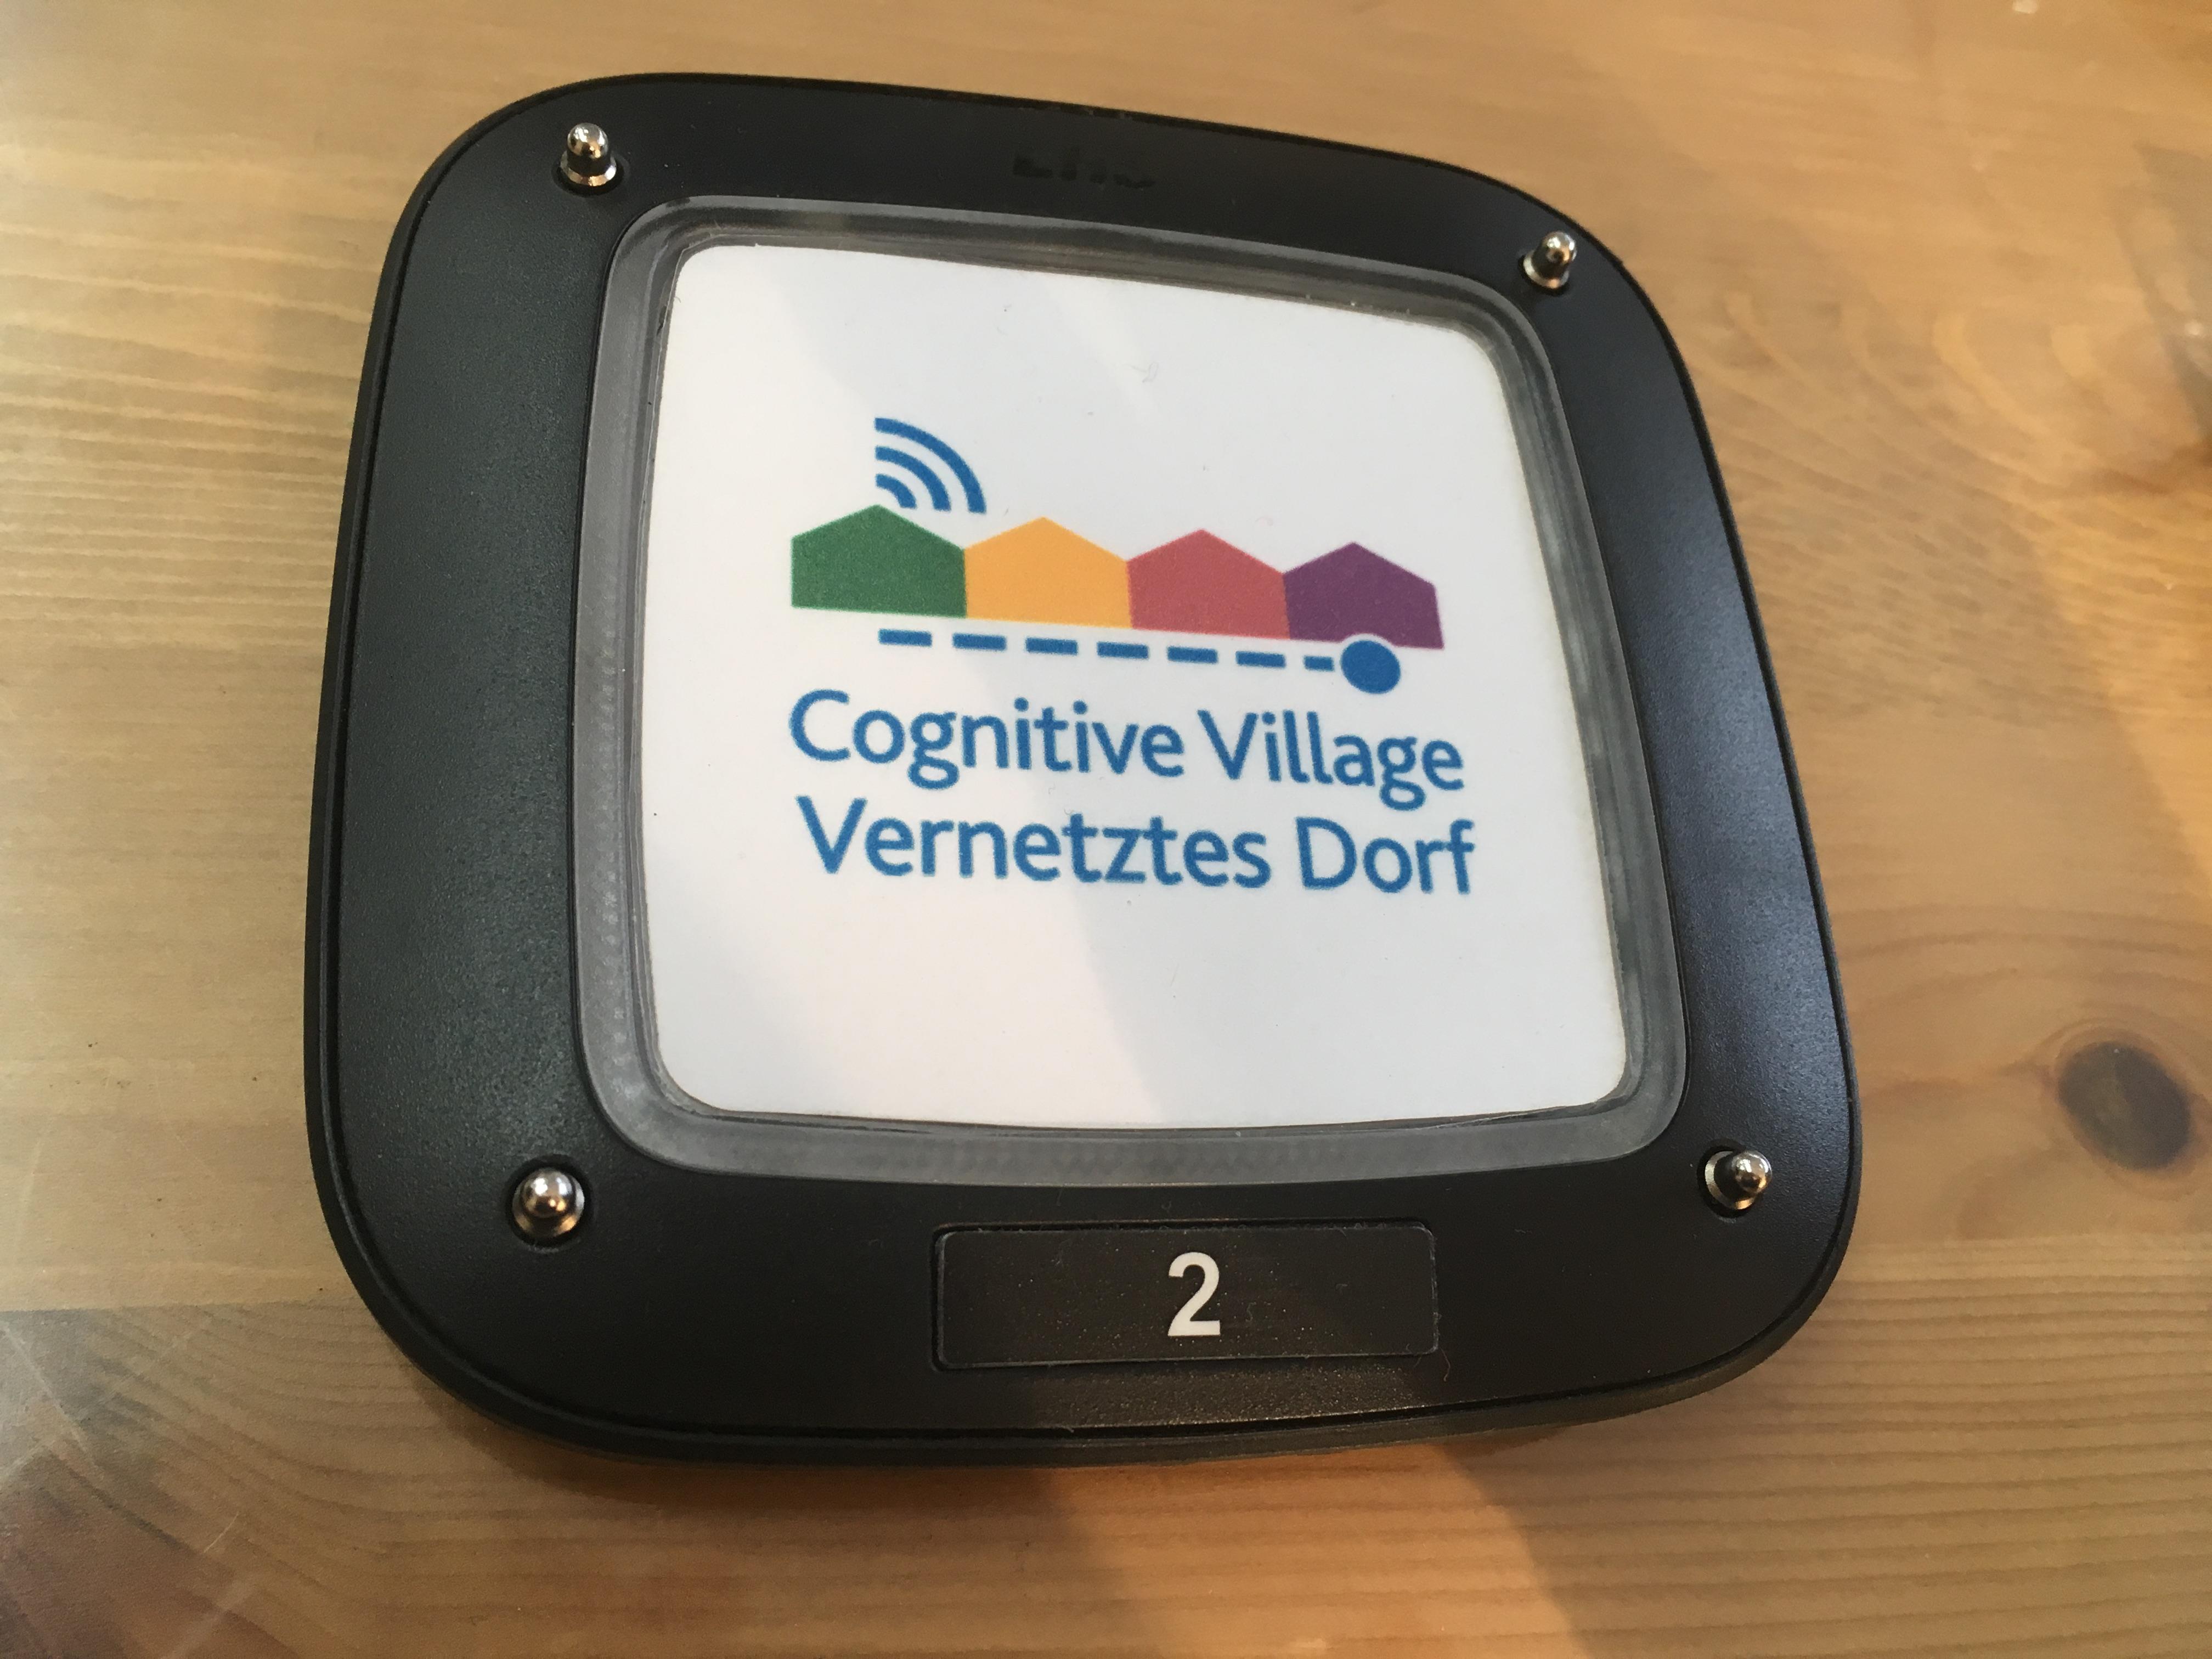 """Ein Pager liegt auf einem Tisch. Darauf abgebildet das Logo und Schriftzug von """"Cognitive Village - Vernetztes Dorf""""."""